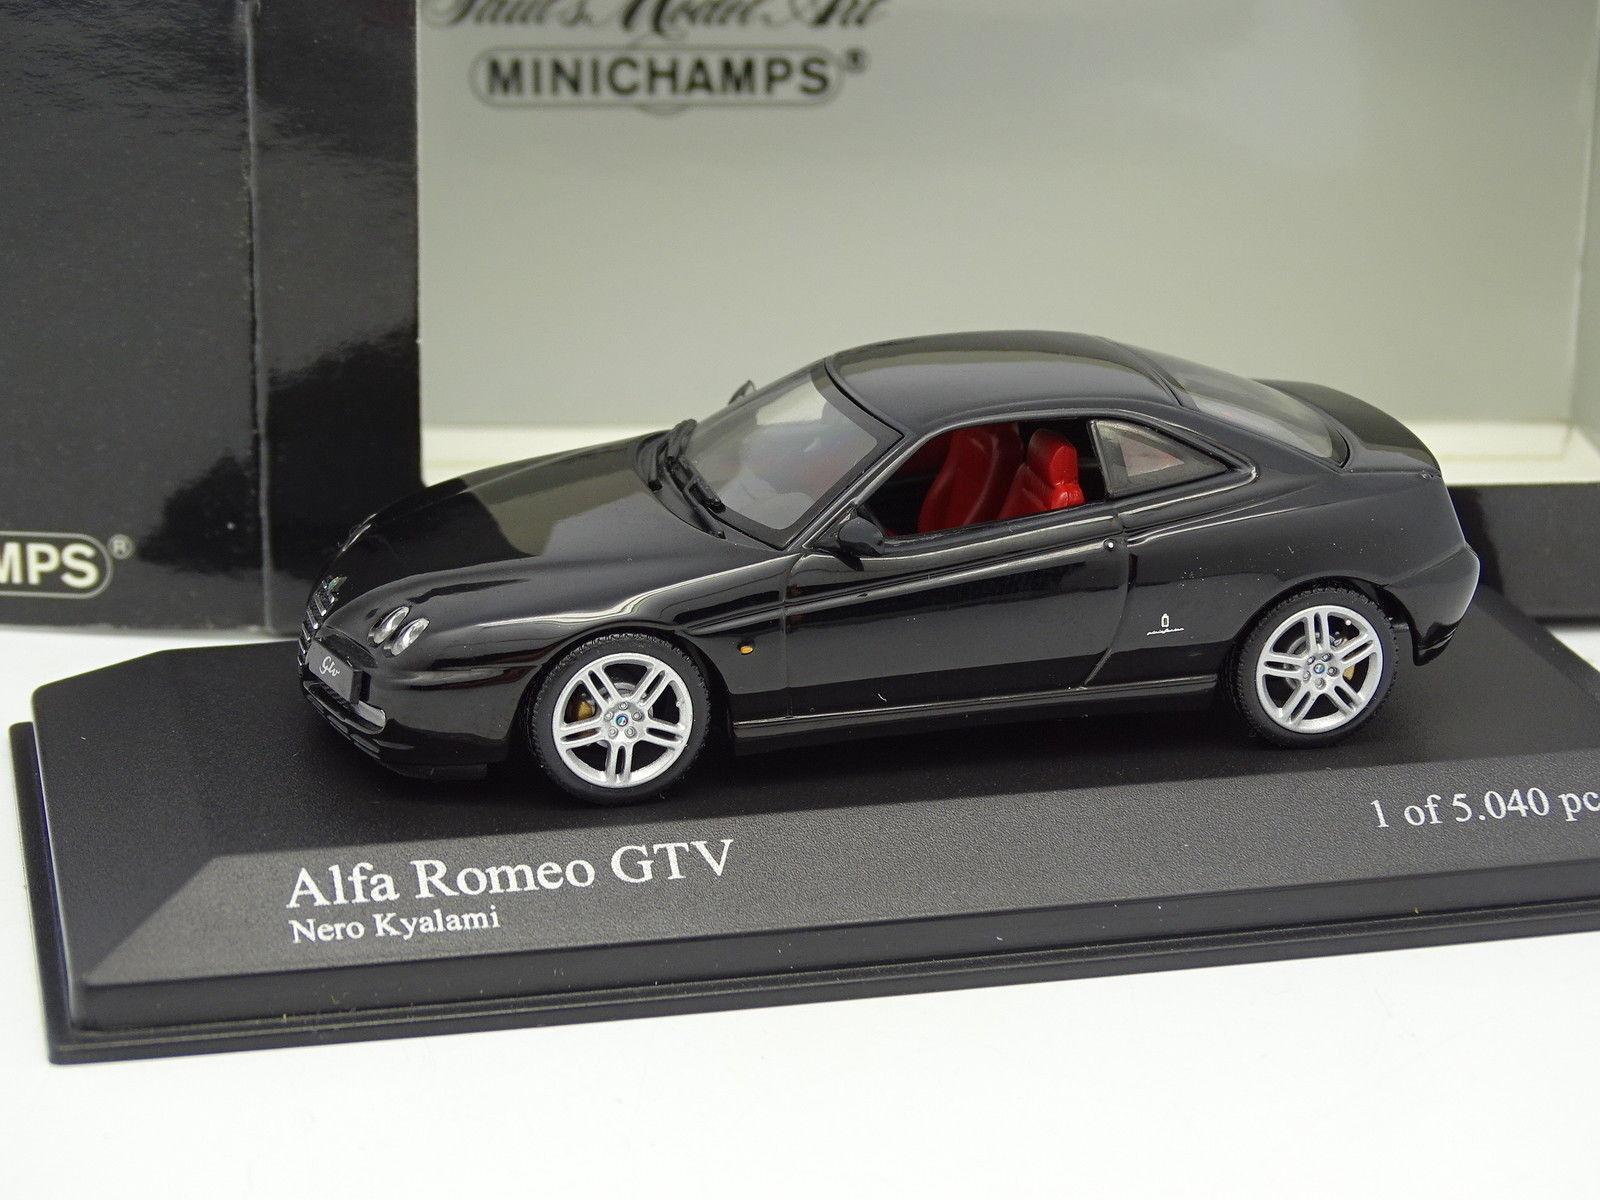 Minichamps 1 43 Alfa Romeo GTV 2003 Black